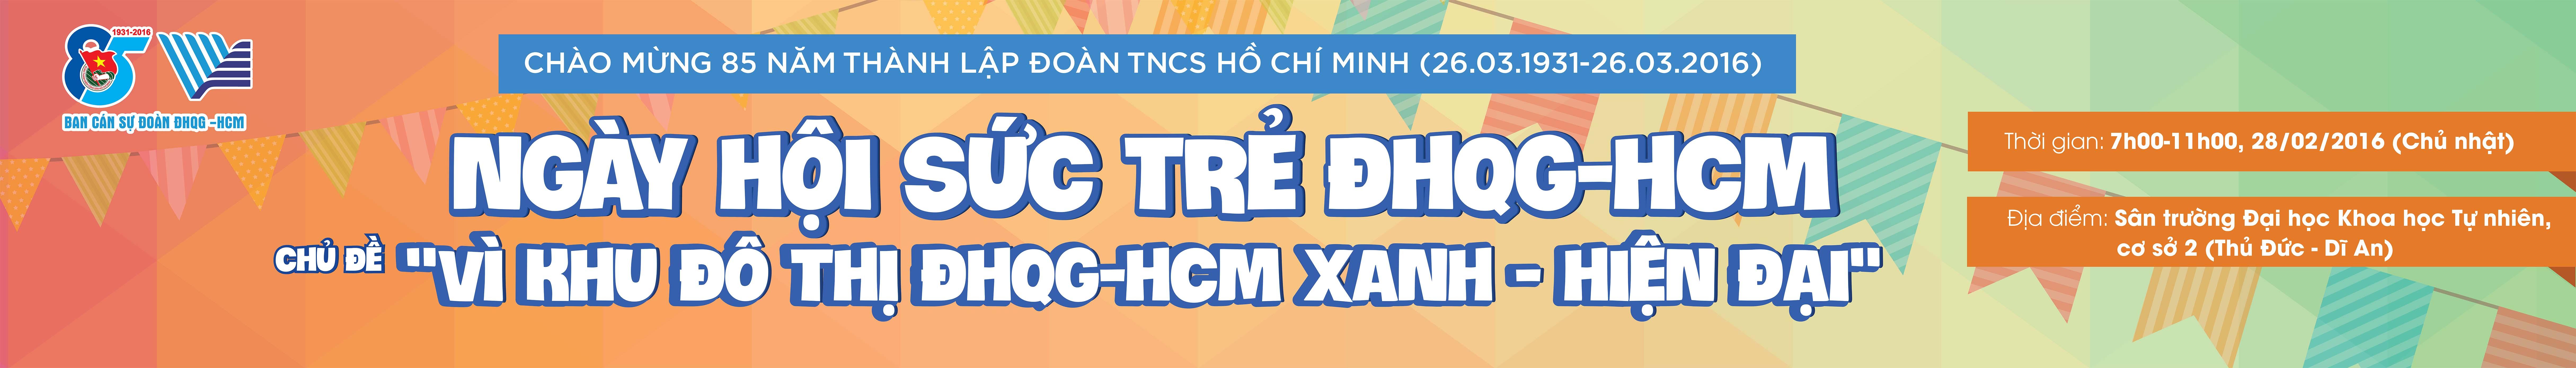 banner-ngày-hội-sức-trẻ1